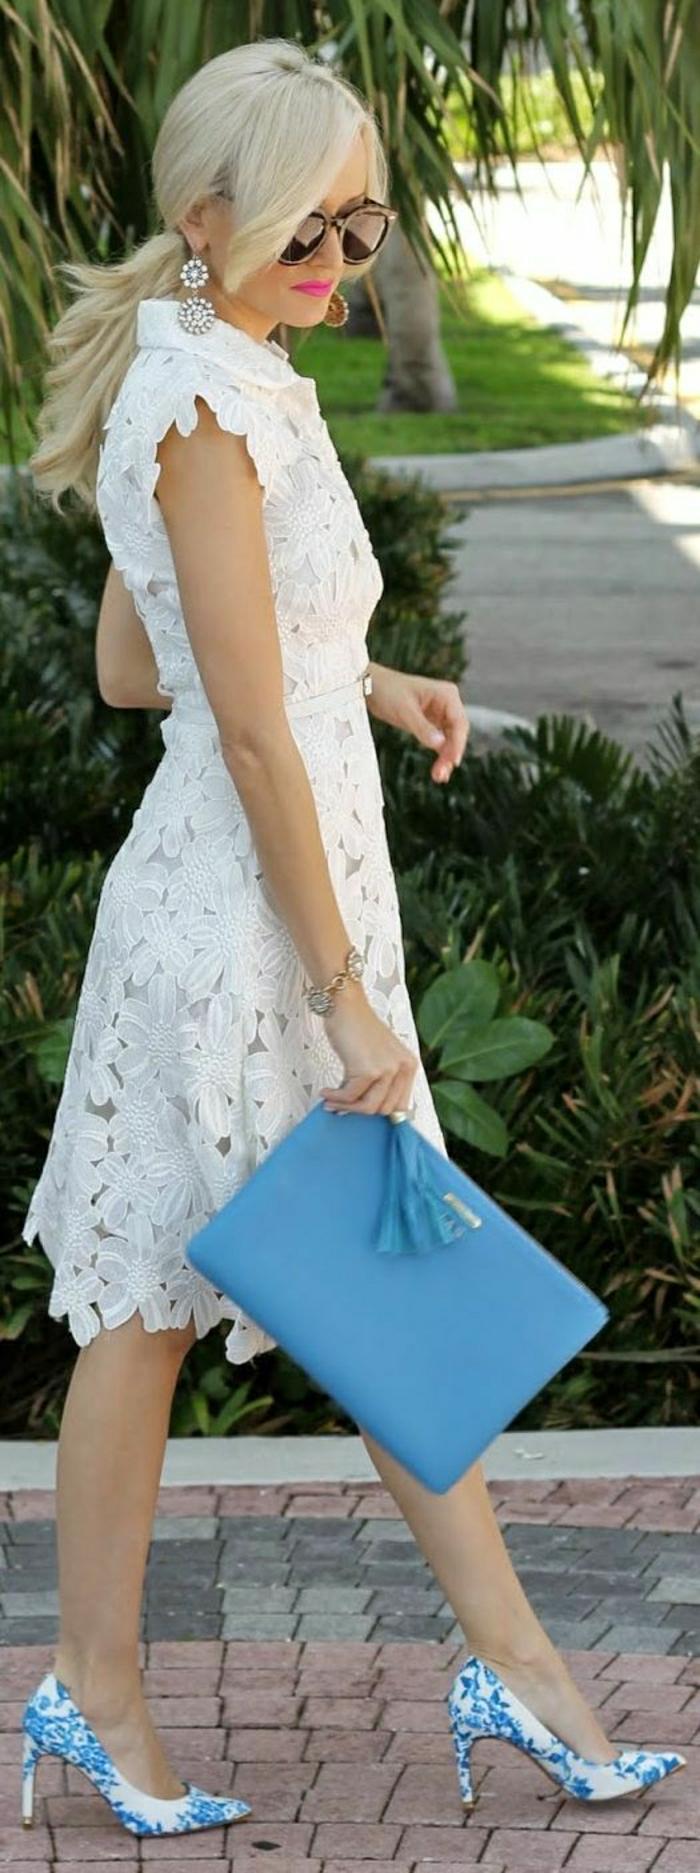 weißes-Kleid-Stickerei-blauer-Clutch-Schuhe-chinesischer-Porzellan-Muster